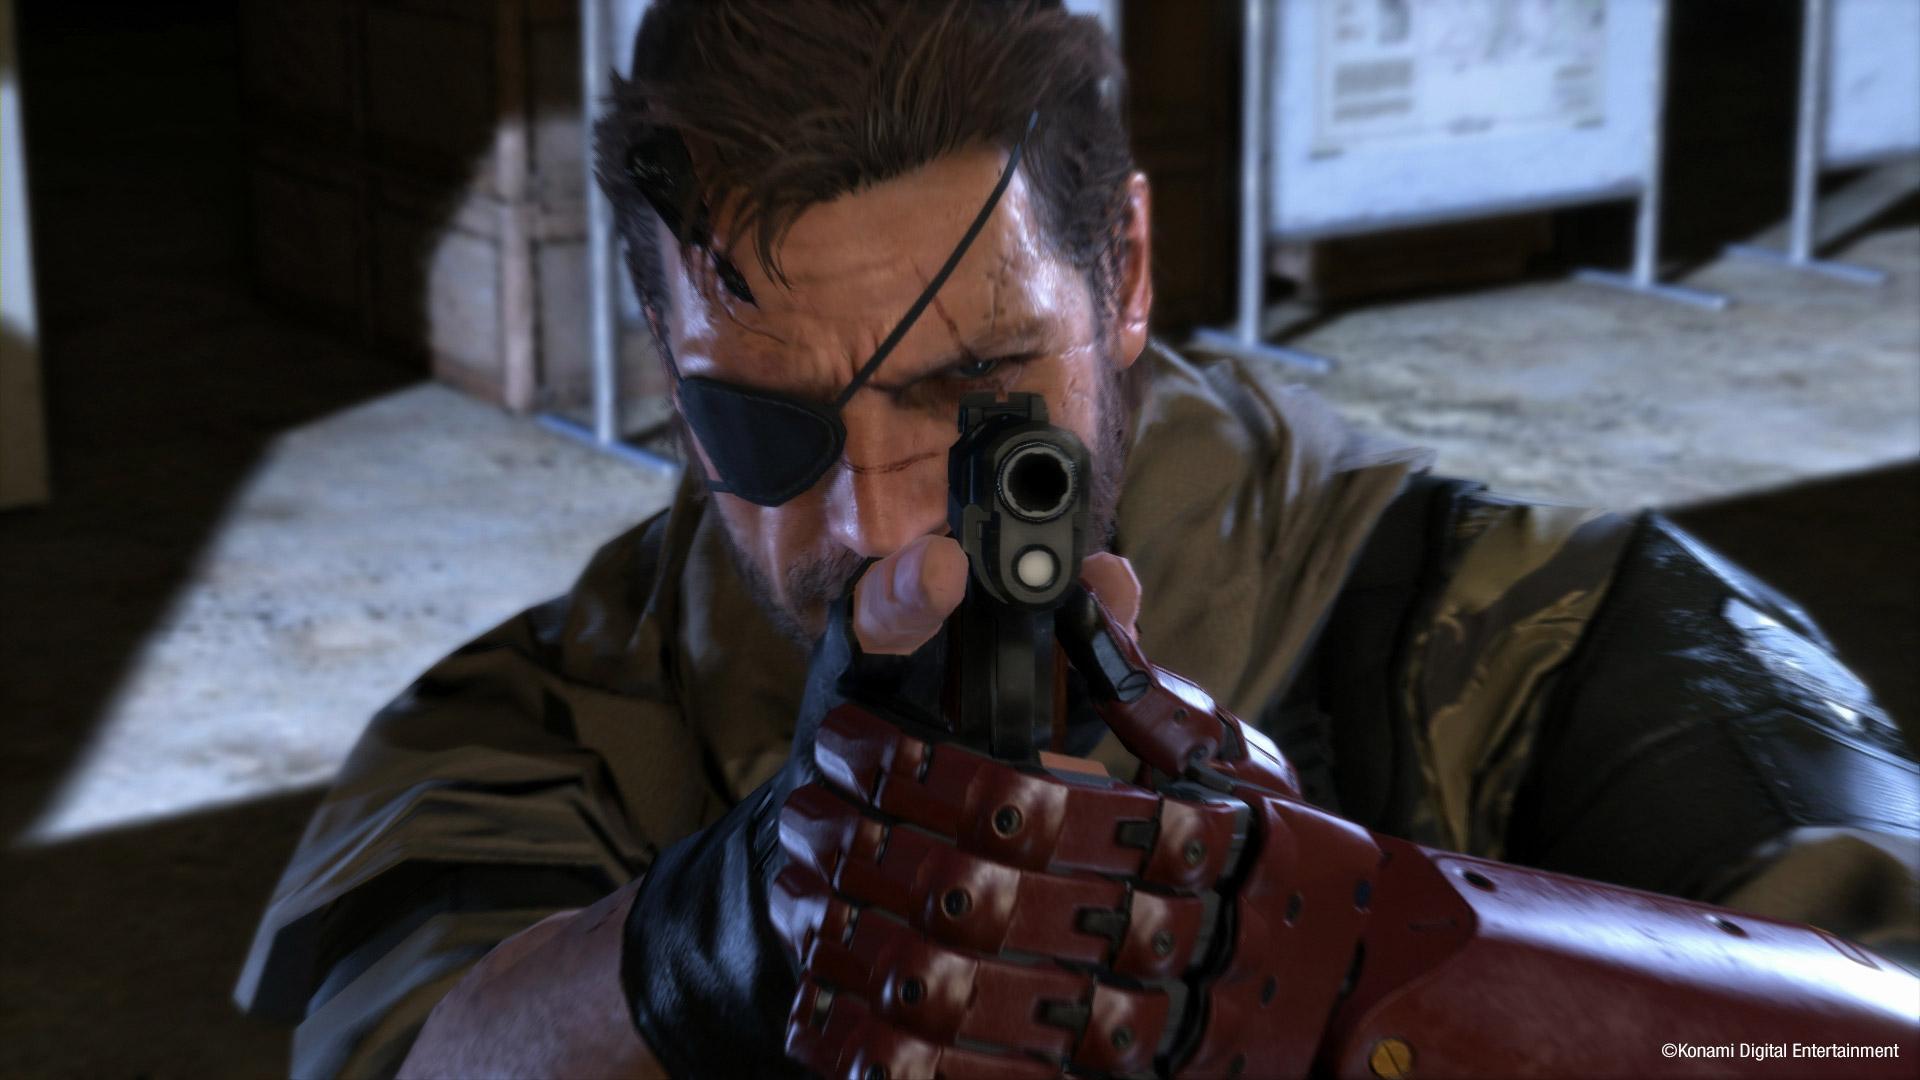 Metal Gear Solid V The Phantom Pain Wallpaper 12 Wallpapersbq